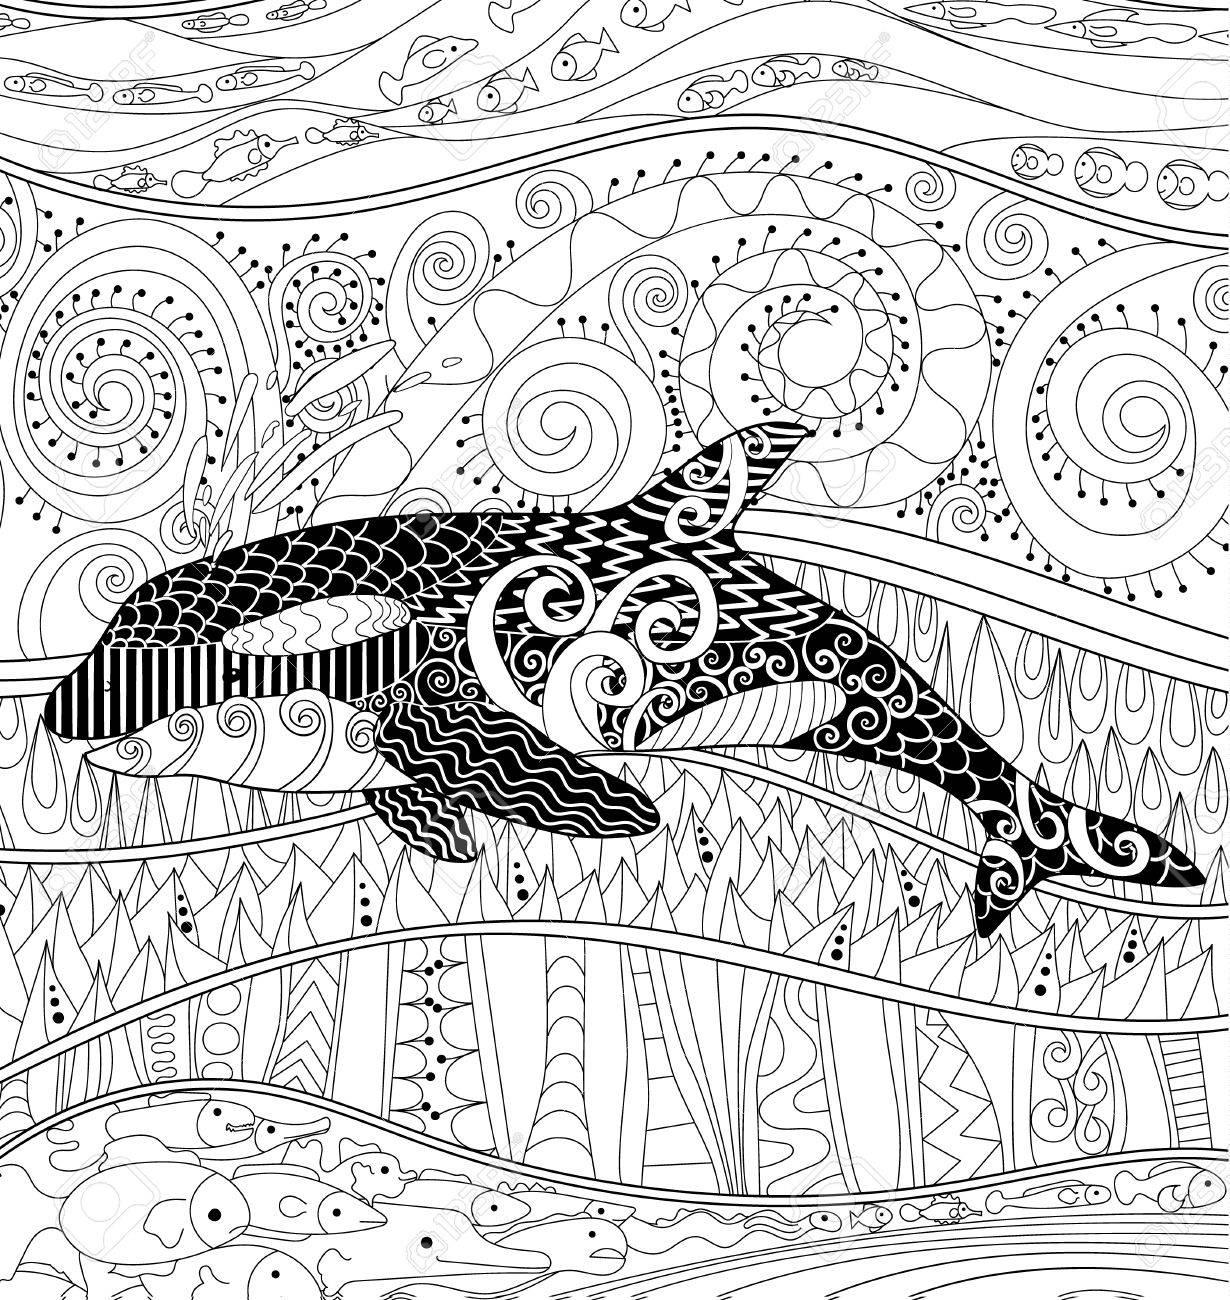 Orque Avec Des Détails élevés Adulte Coloriages Antistress Avec Orque Animaux Blanc Noir Pour L Art Thérapie Abstract Pattern Avec Des éléments